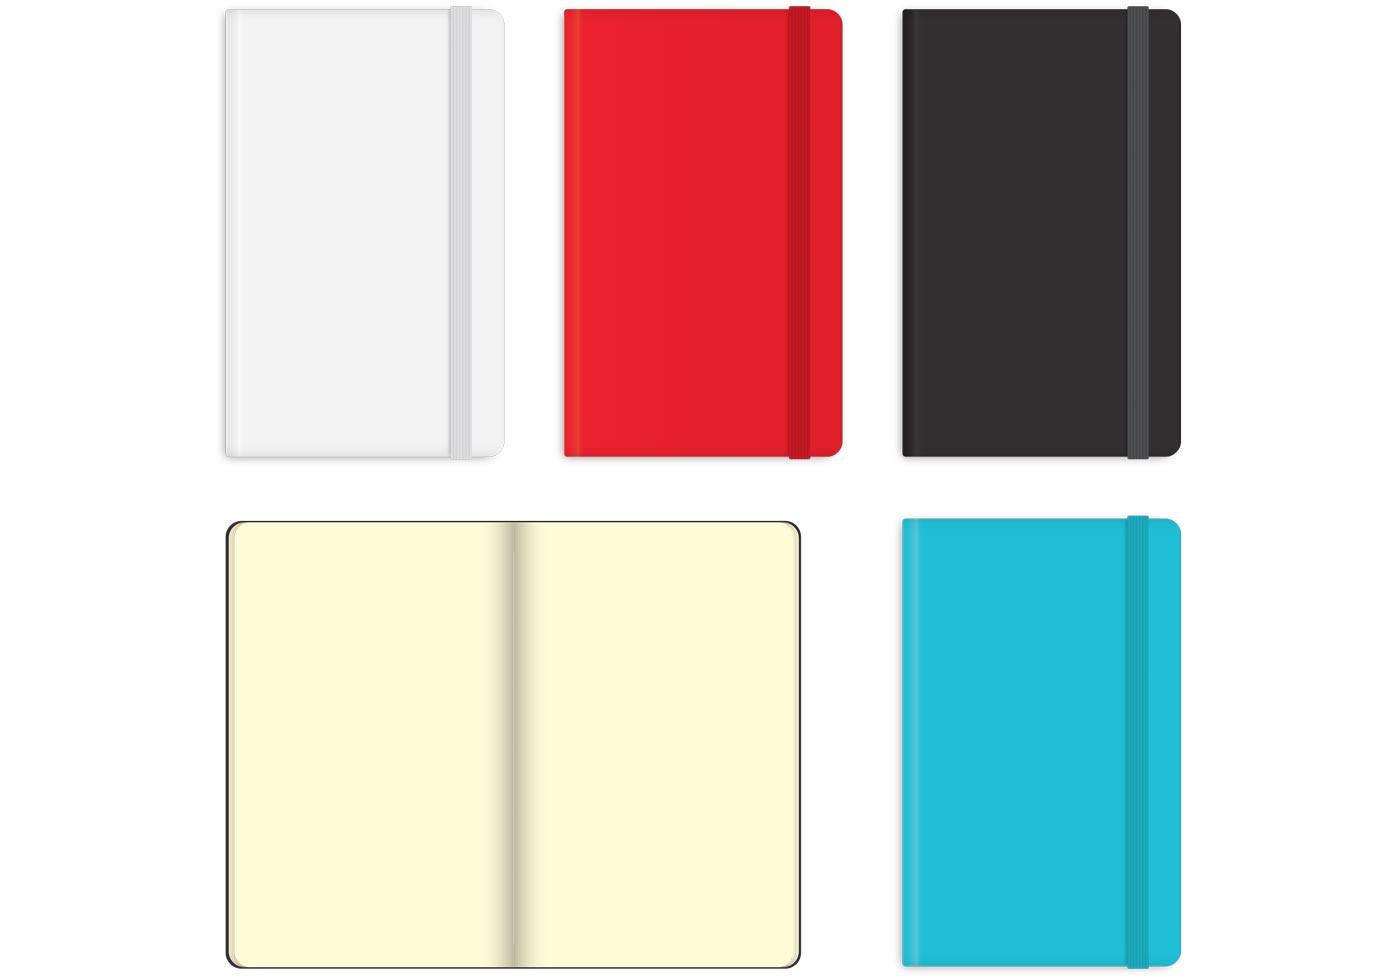 moleskine notebook vectors